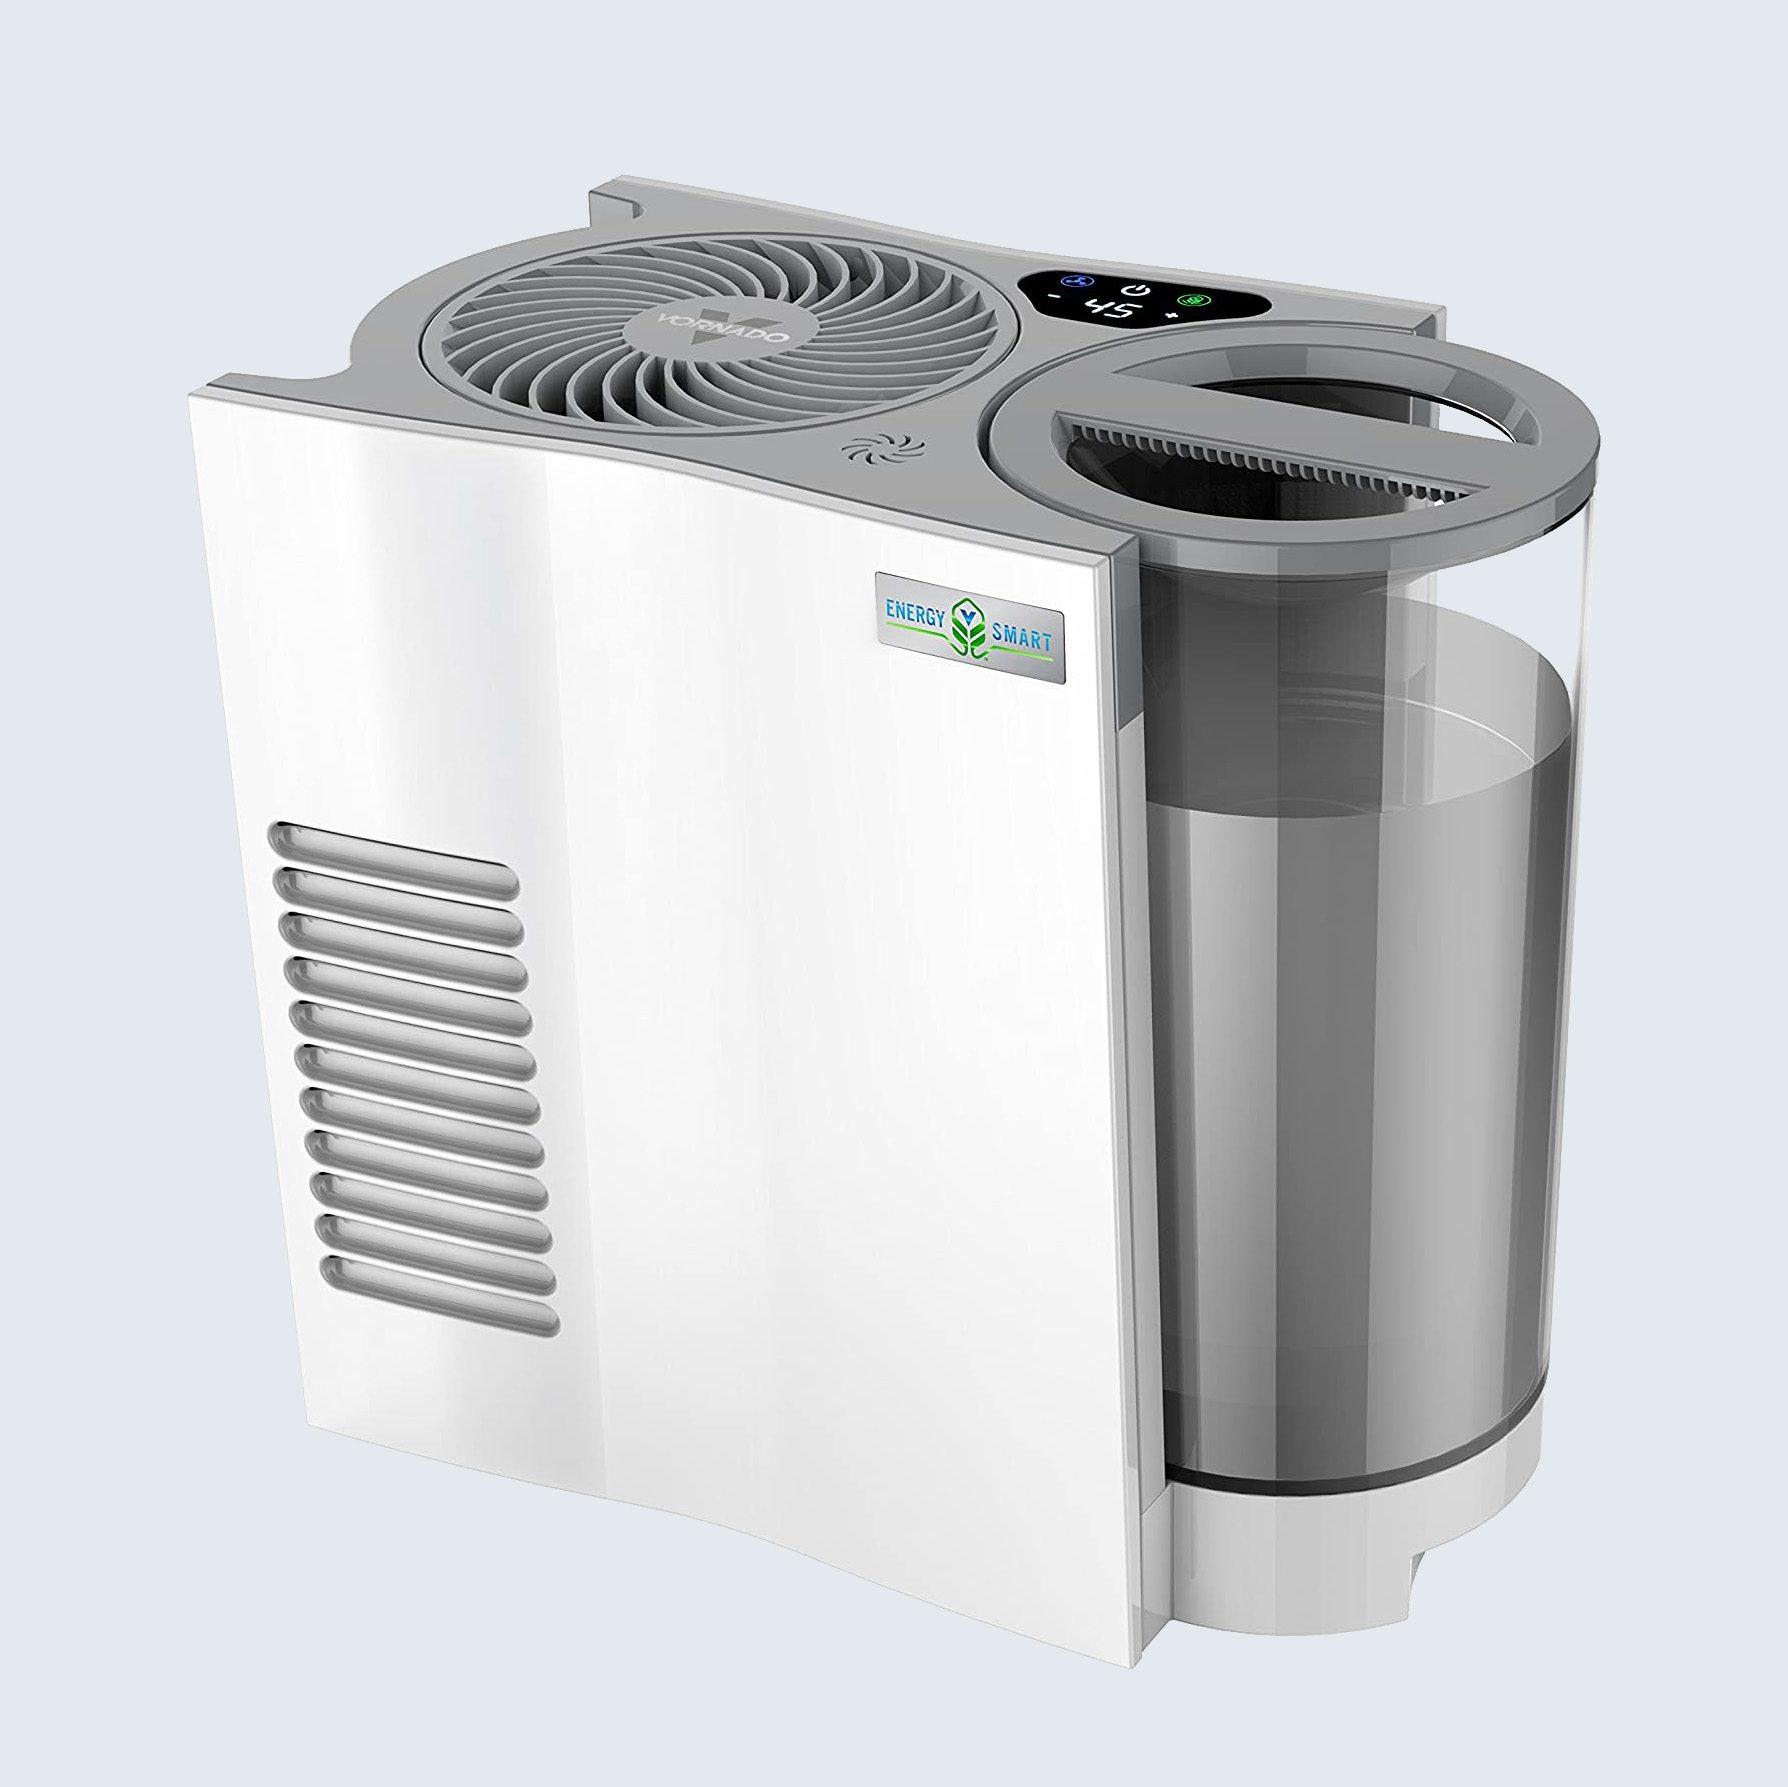 Vornado Energy Smart Evaporative Humidifier